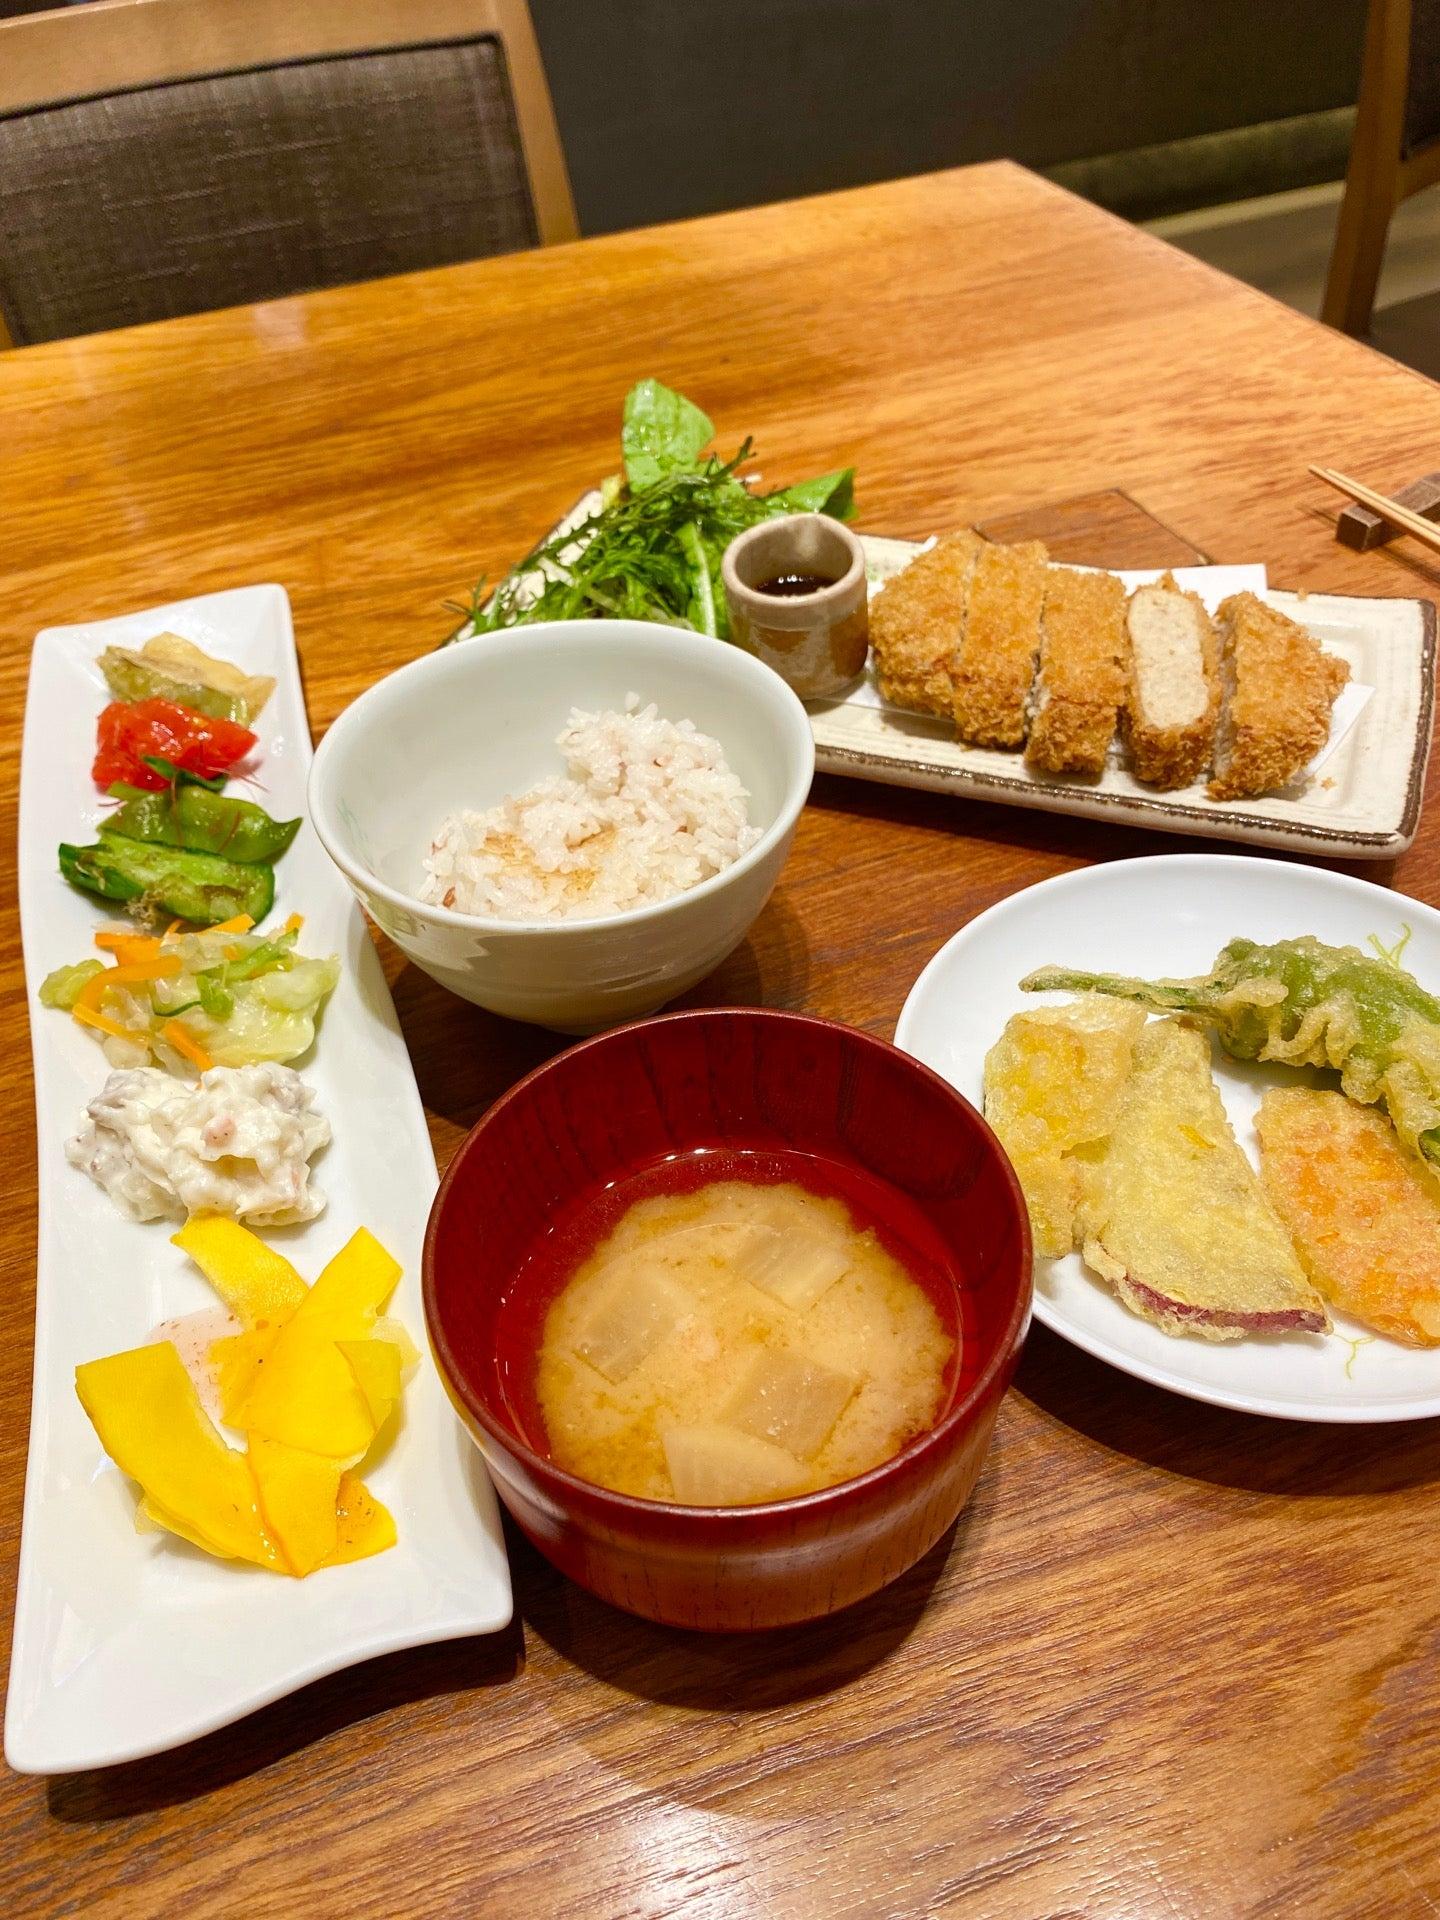 鶏と豆腐のふわふわ味噌だれメンチカツ。味噌うまい。野菜天ぷらやサラダとか食べ放題なので好きなように持ってくる。 (@ やさい家めい 名古屋店 in 名古屋市, 愛知県) https://t.co/CAijBC5zhQ https://t.co/vuFnIwj9G6